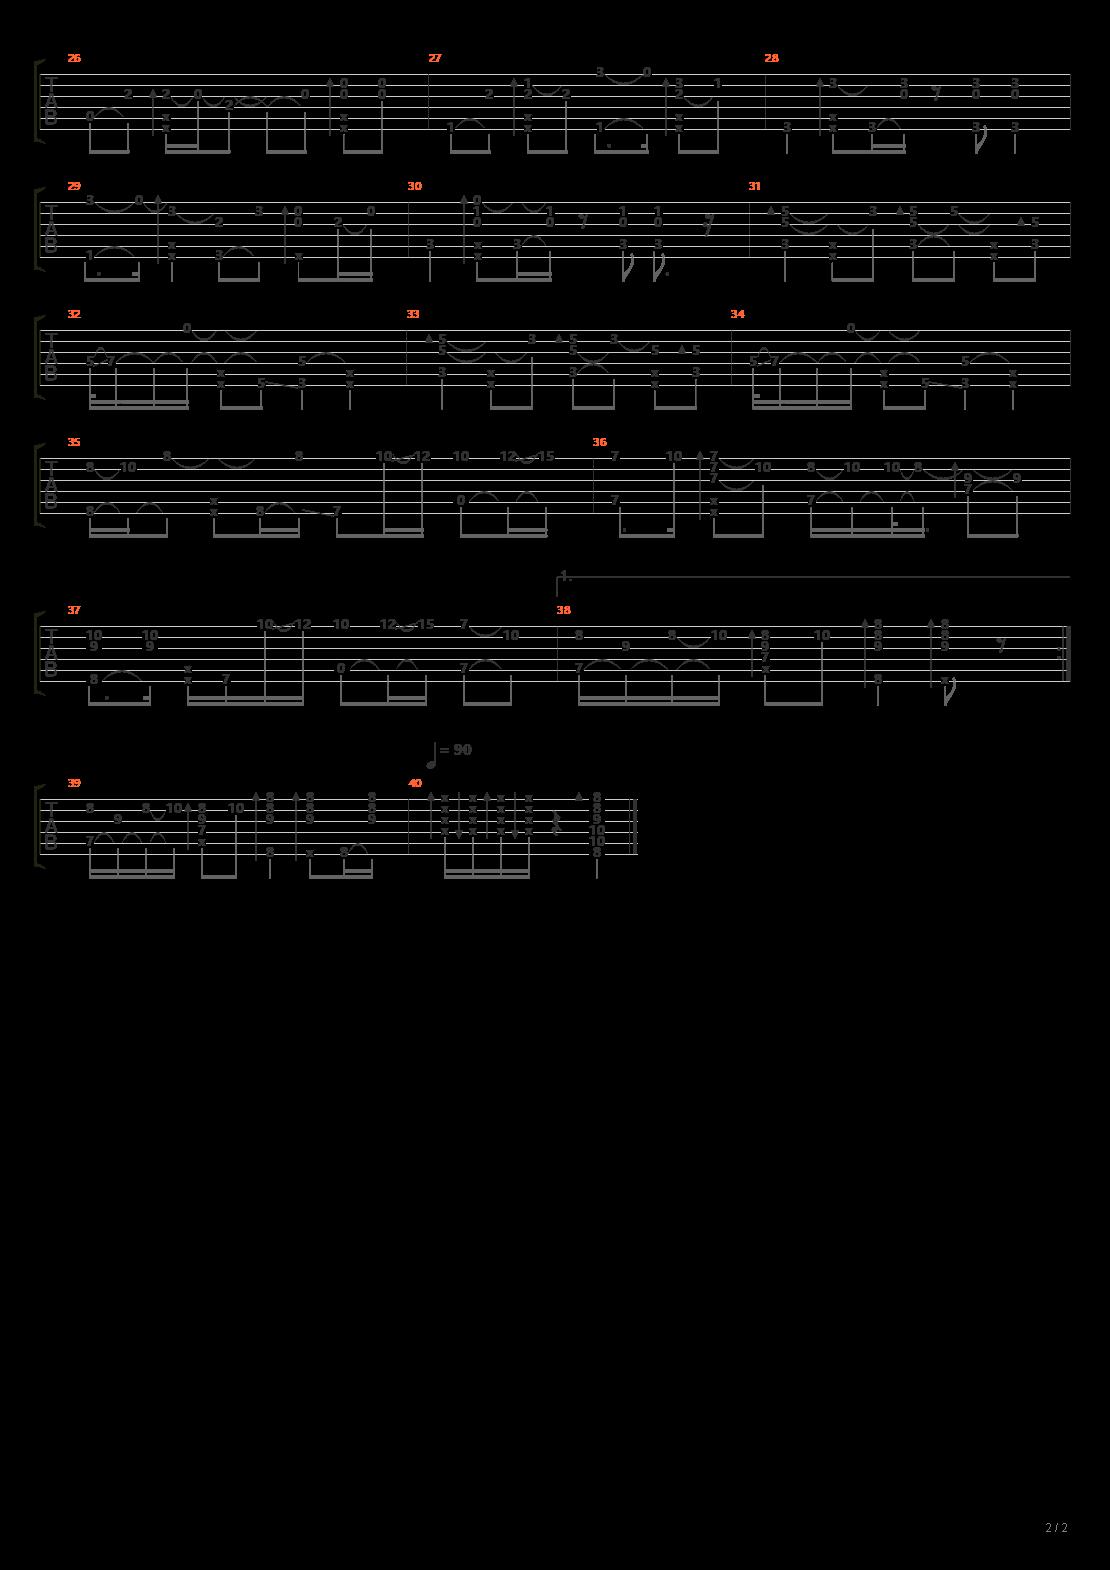 咱们屯里的人(张正好ssr cover)吉他谱